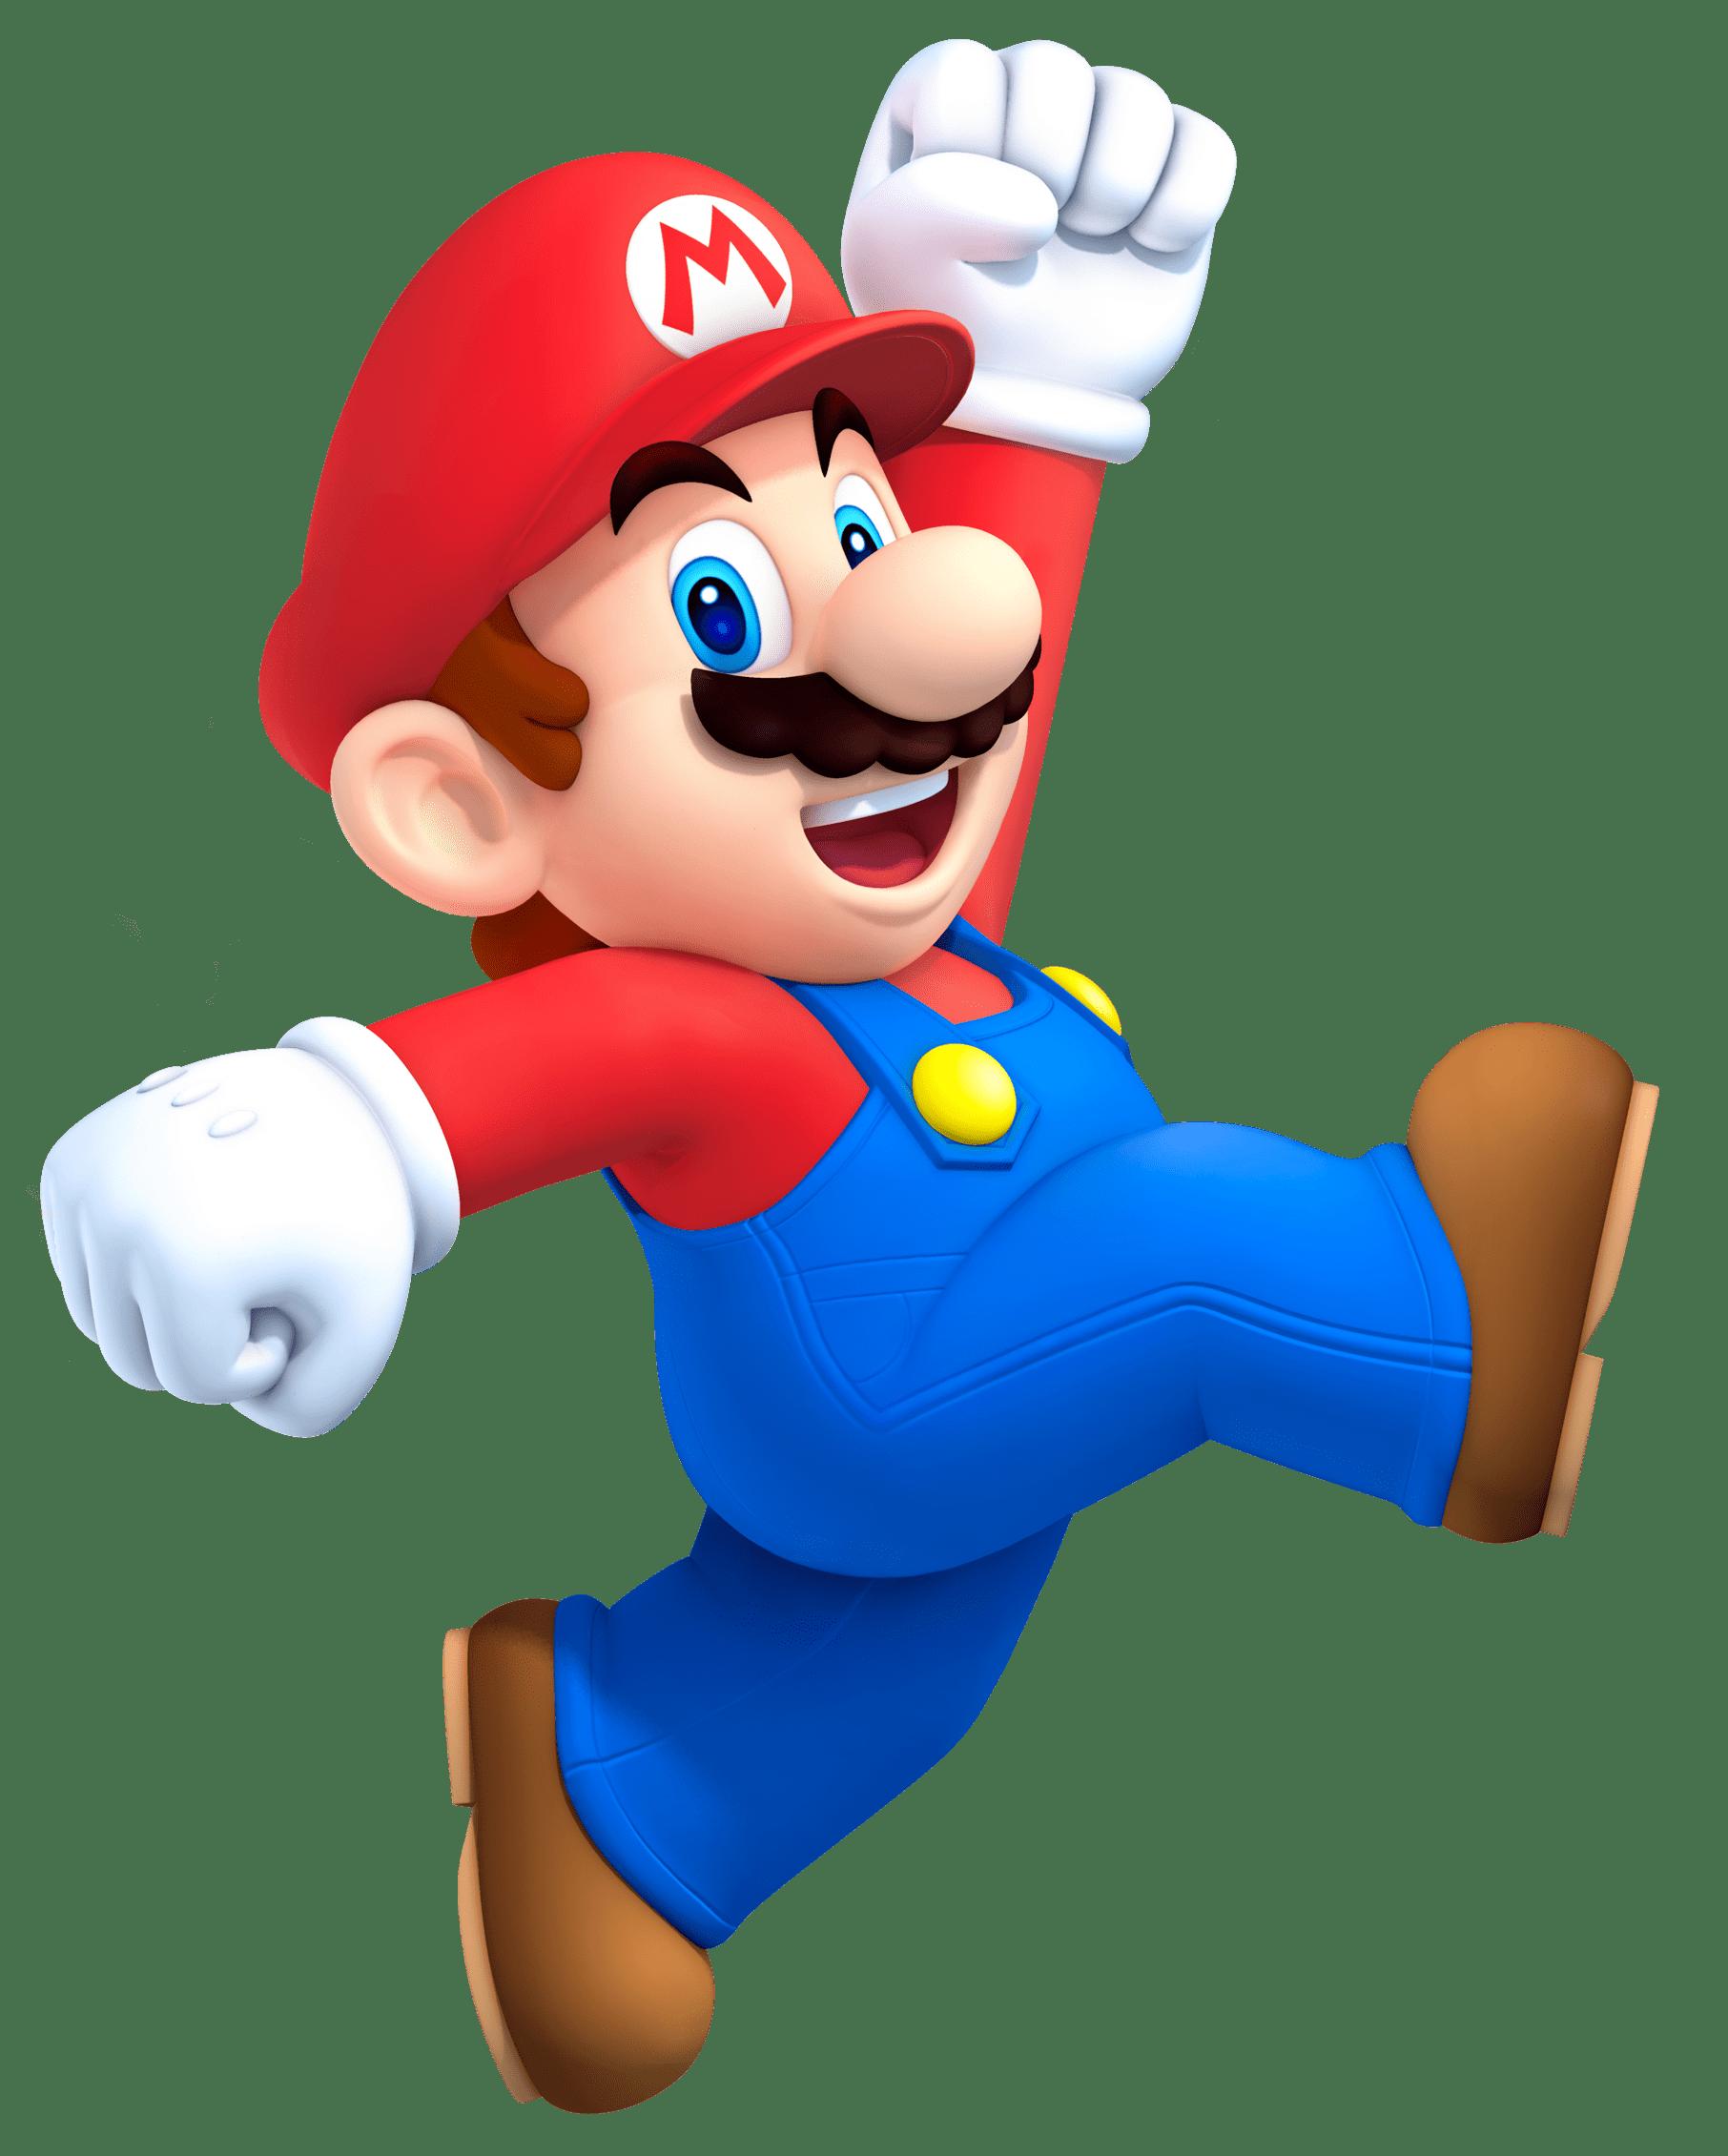 Mario Transparent Png Stickpng